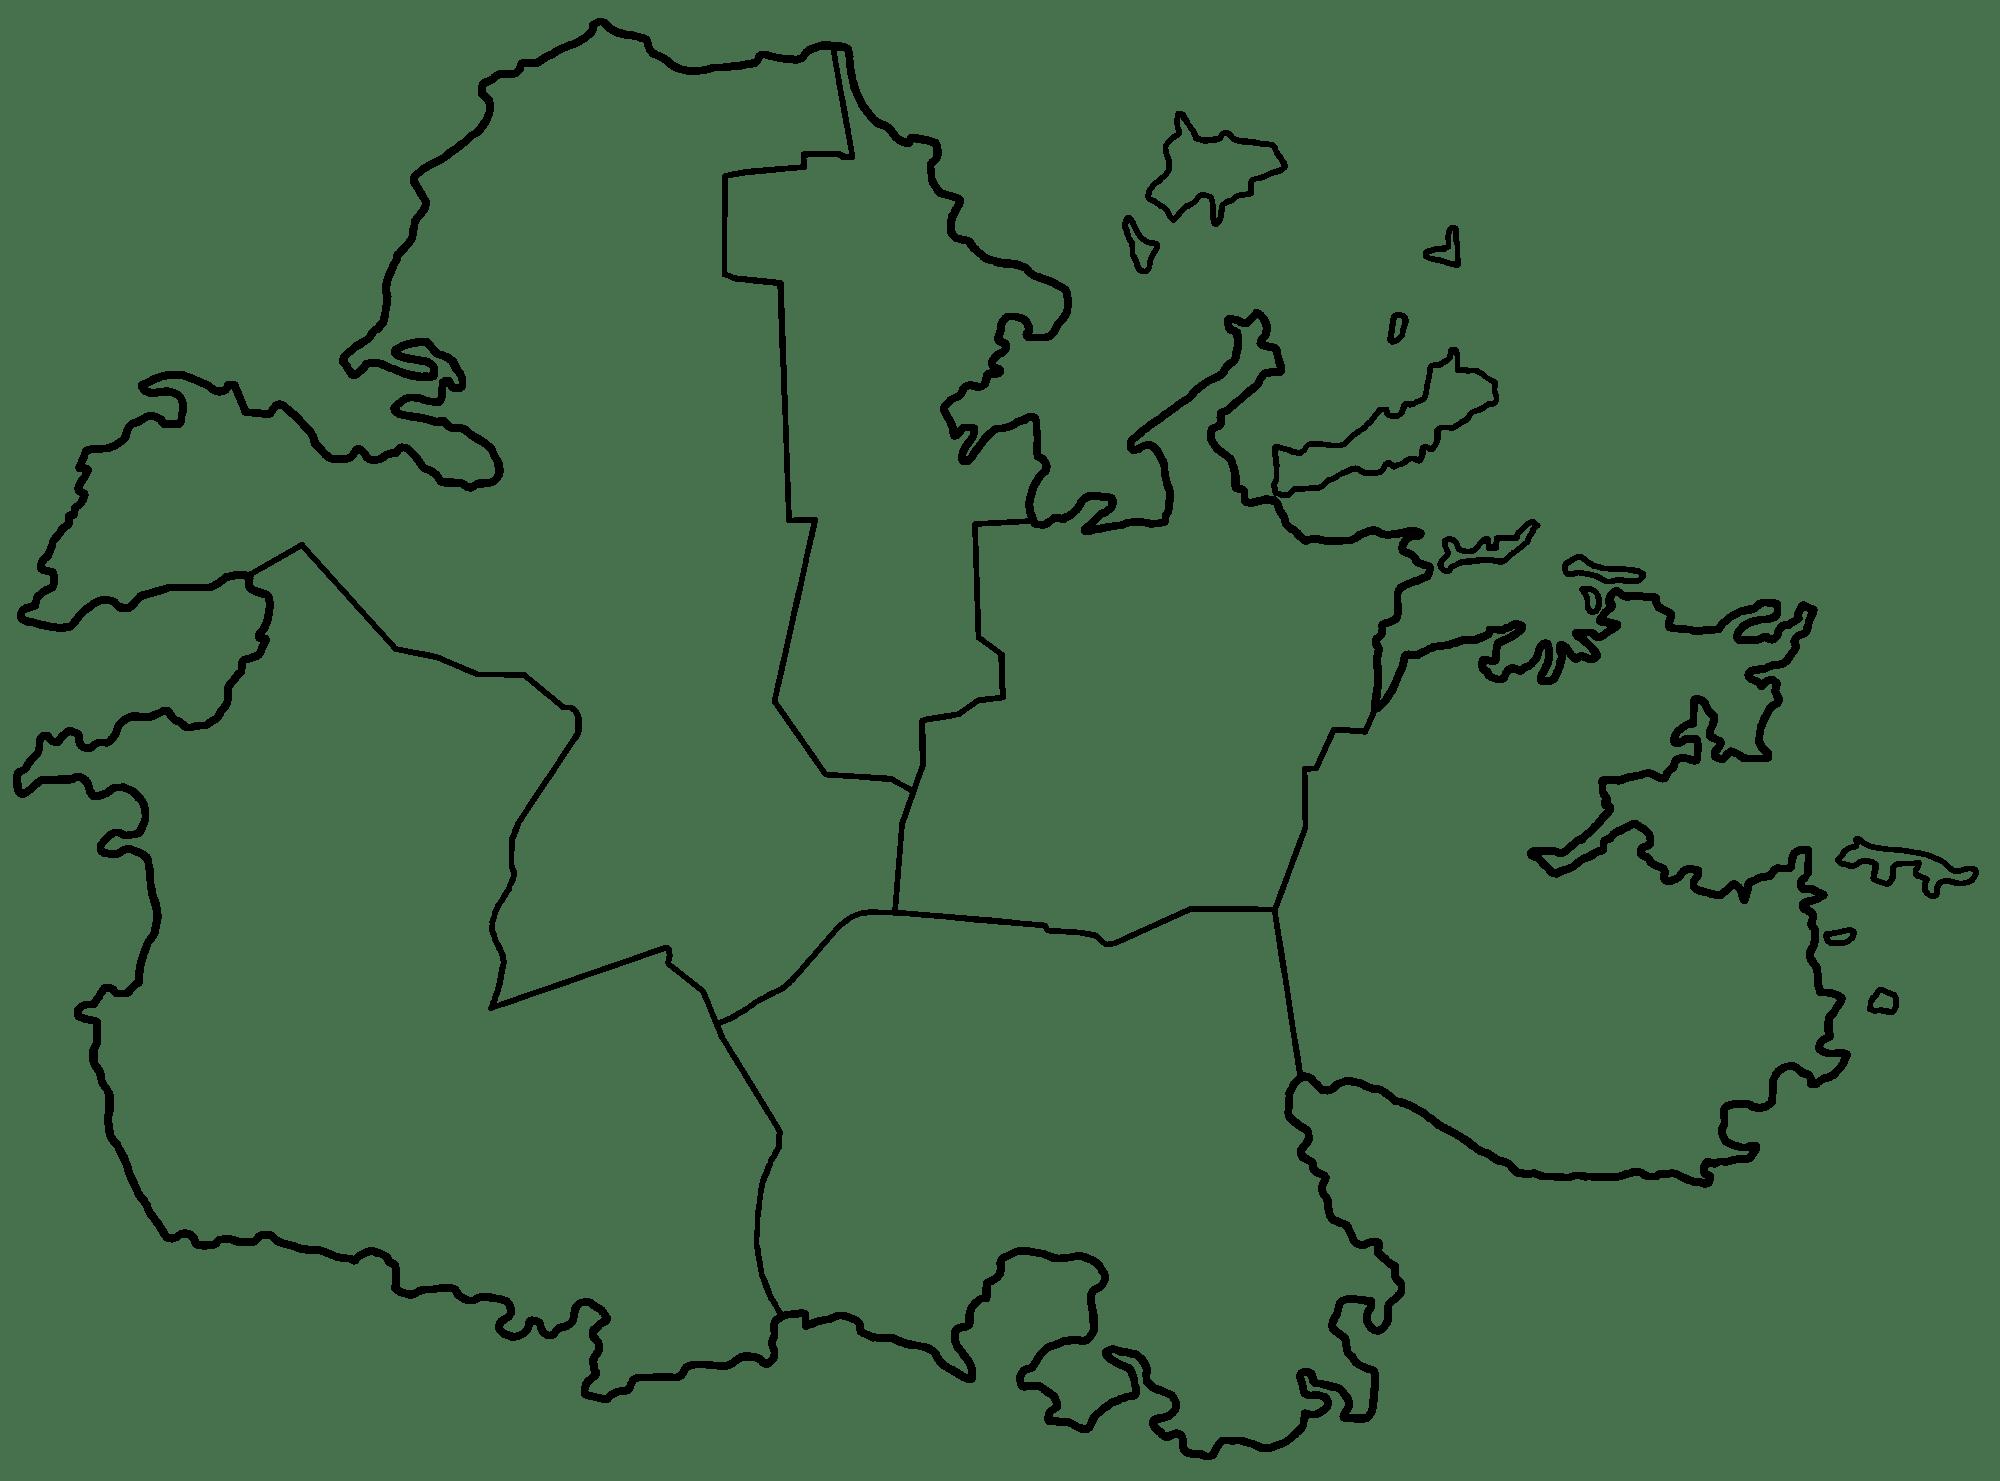 Fil Antigua Parishes Blank Wikipedia